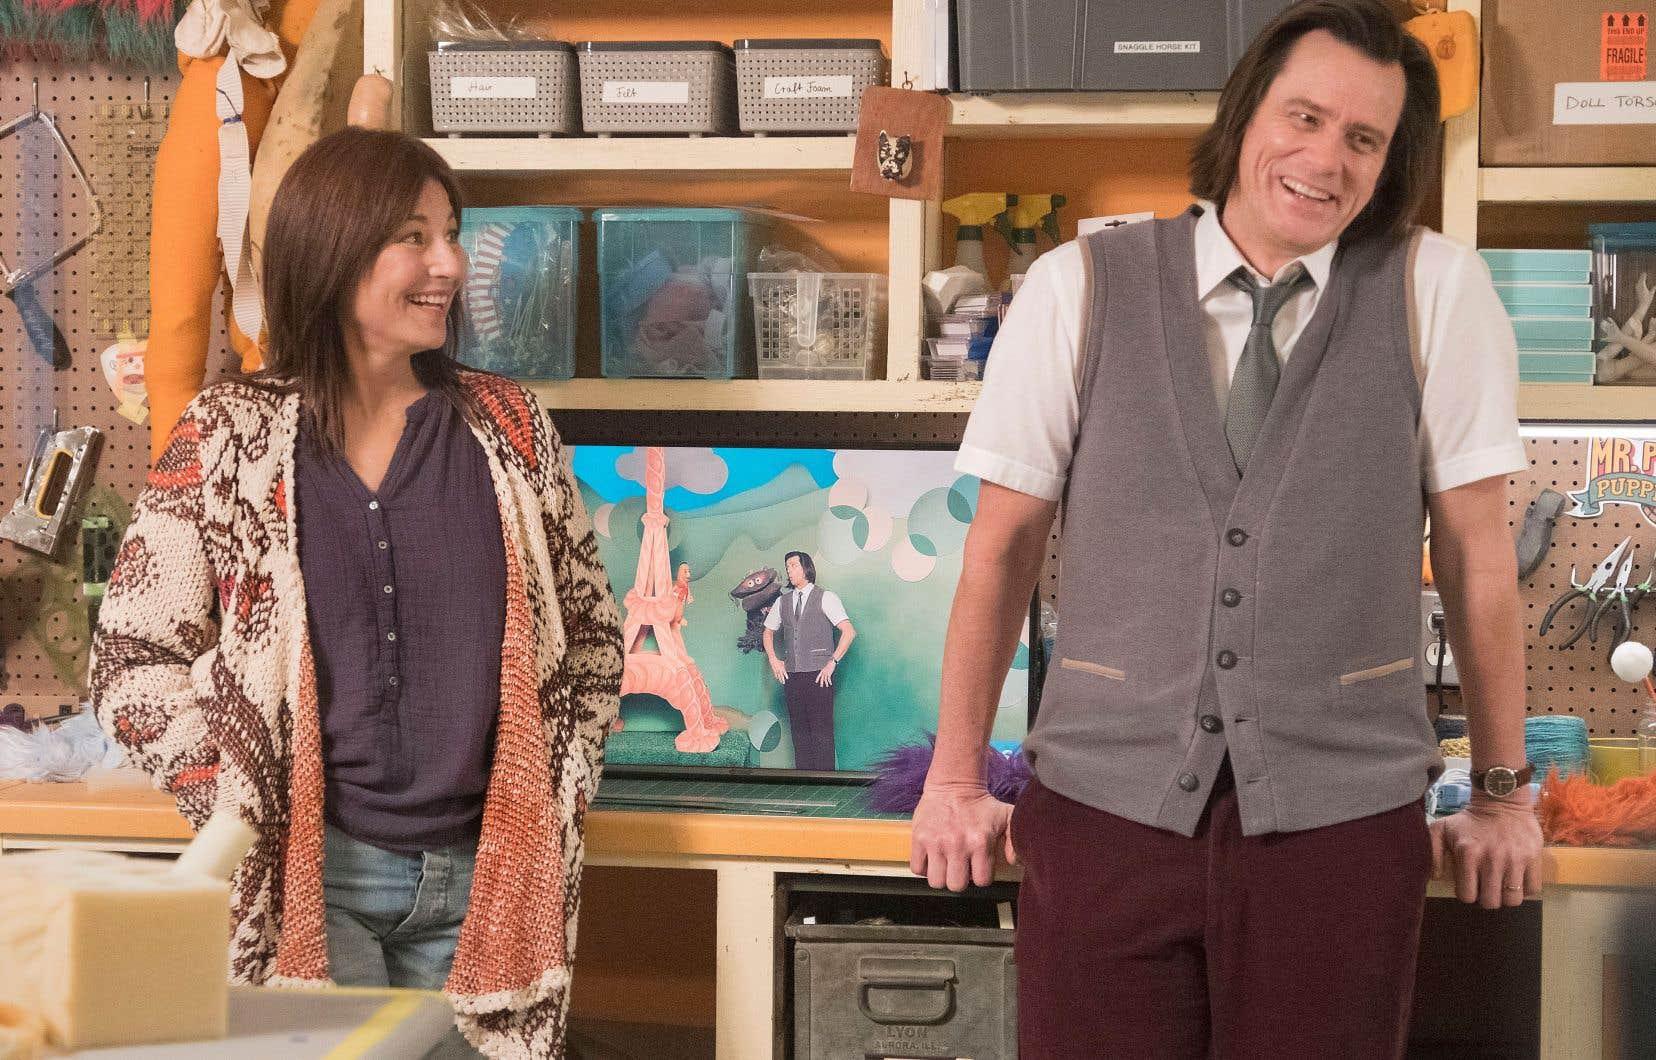 Jeff, alias Mr. Pickles (Jim Carrey), désire aborder des sujets plus sérieux avec ses jeunes téléspectateurs, tandis que Deirdre (Catherine Keener), responsable de ses décors, préférerait le contraire.